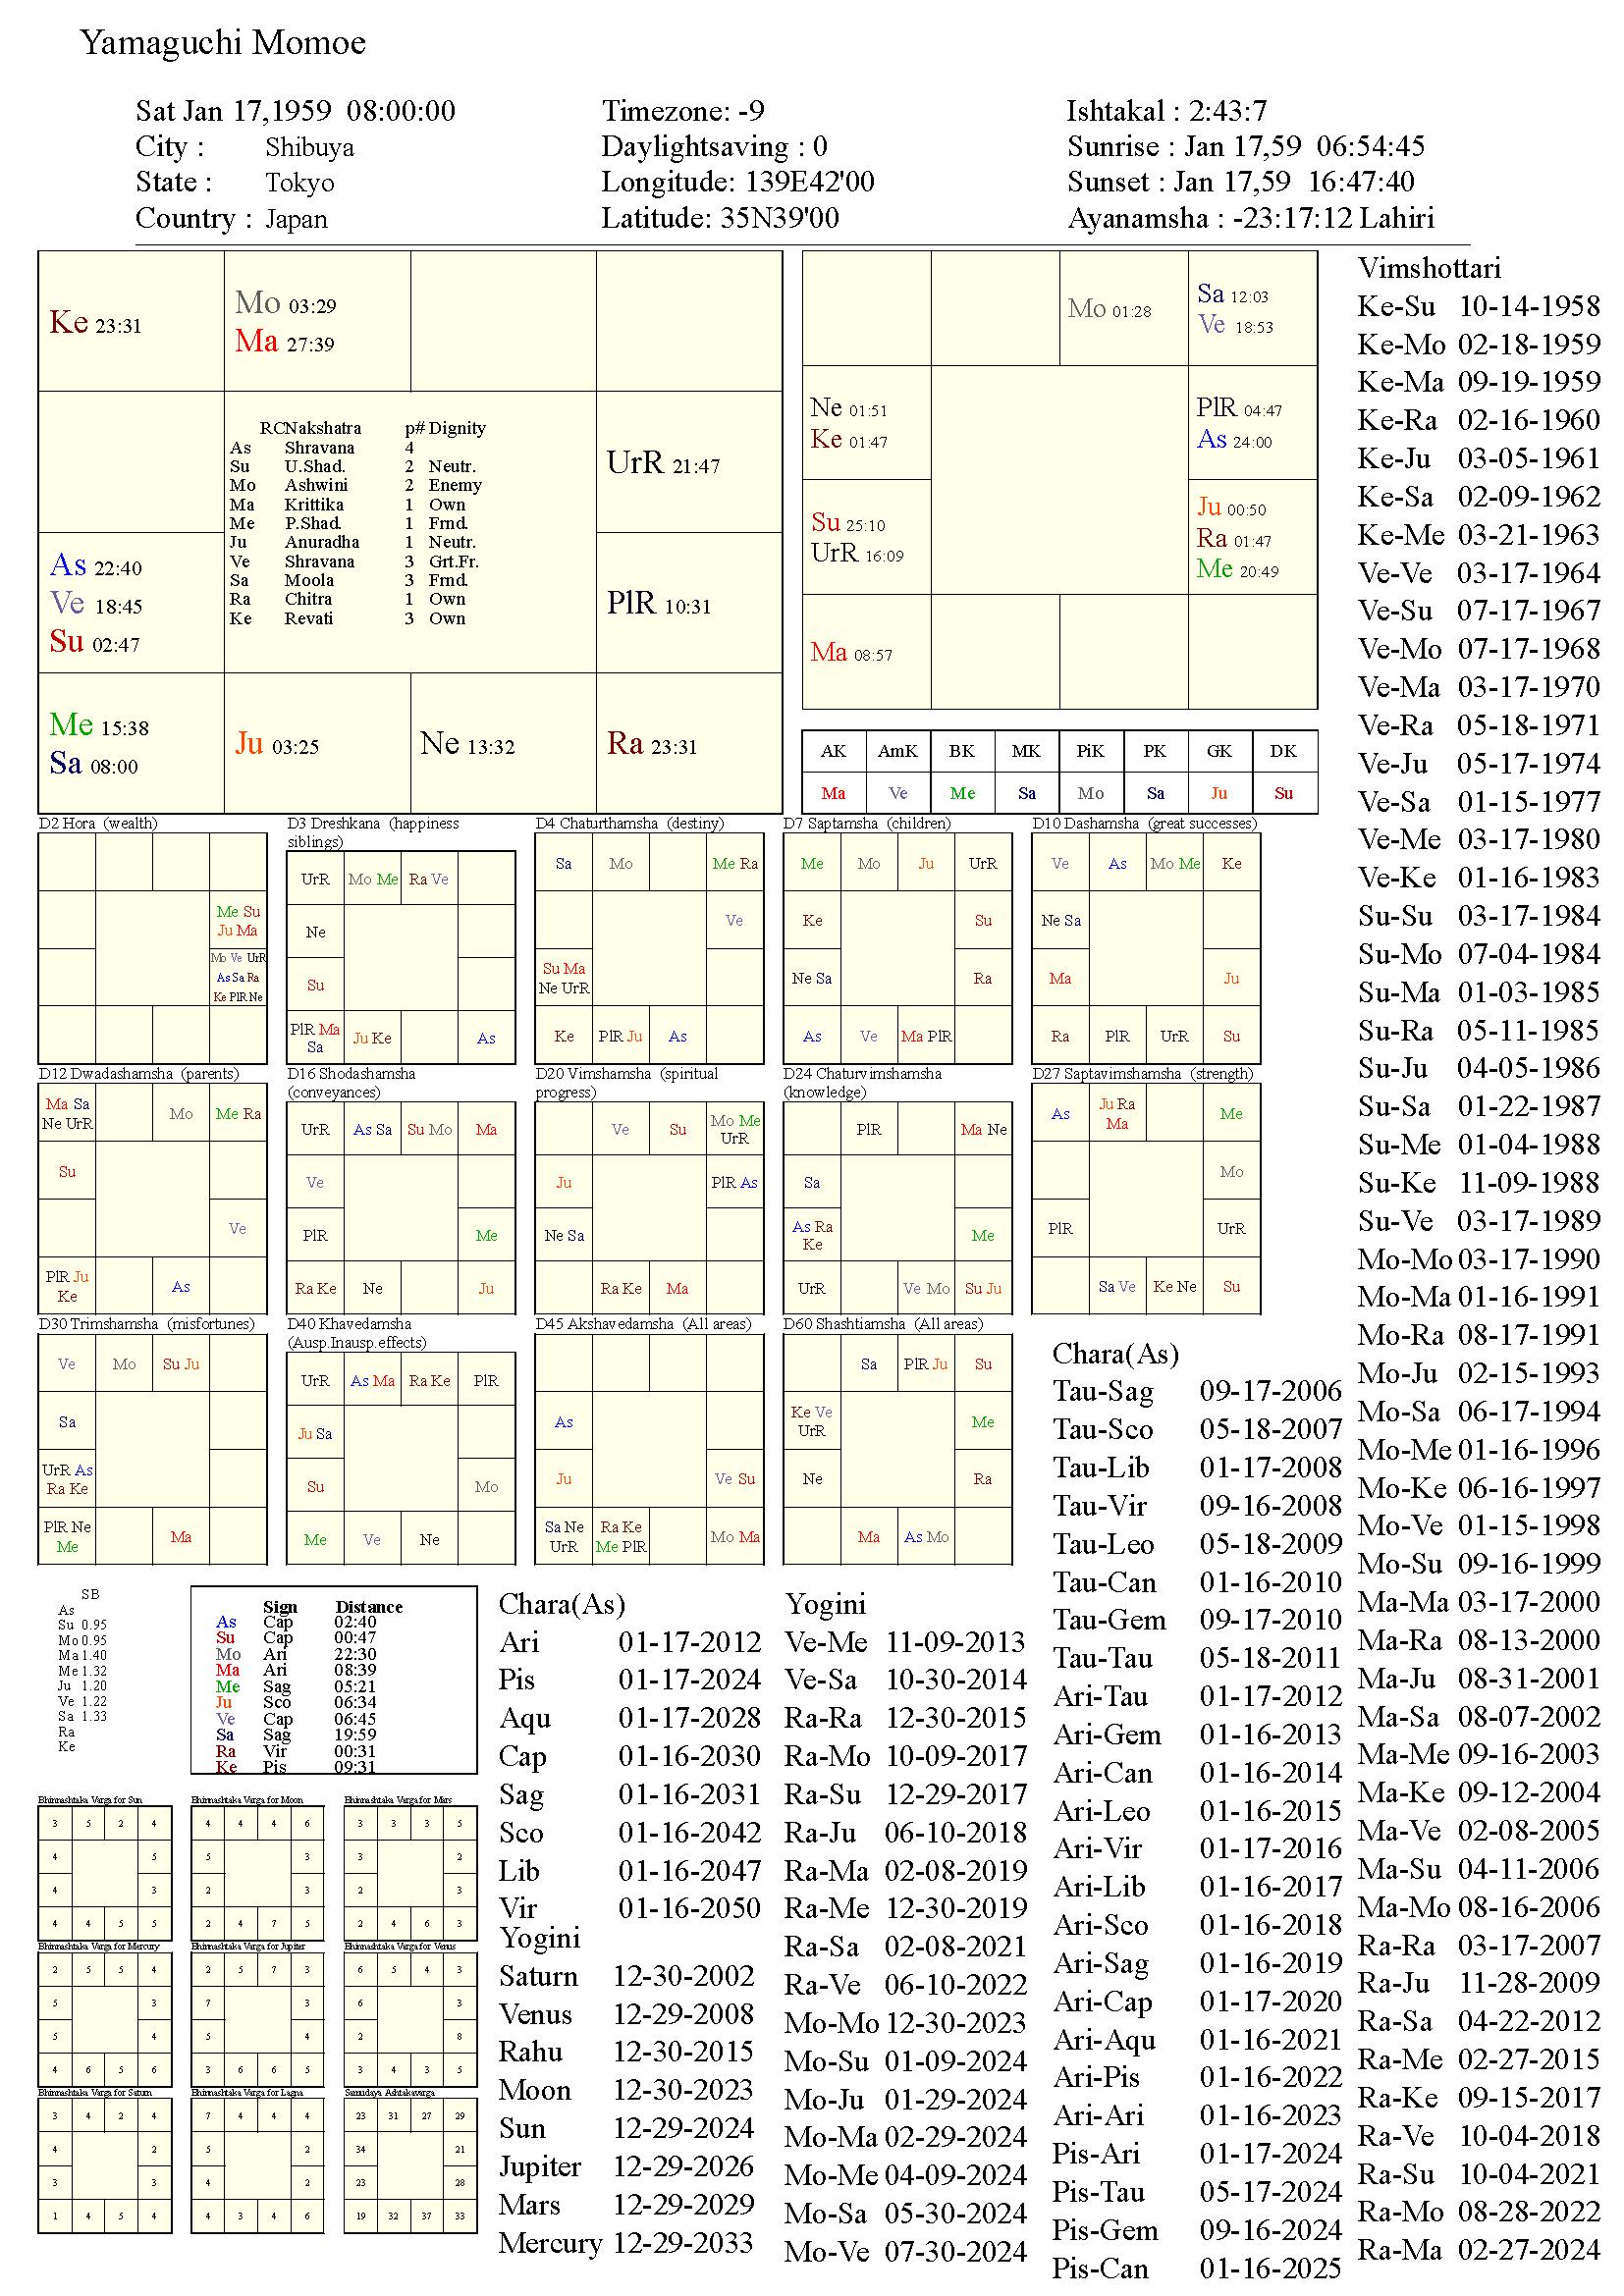 yamaguchimomoe_chart